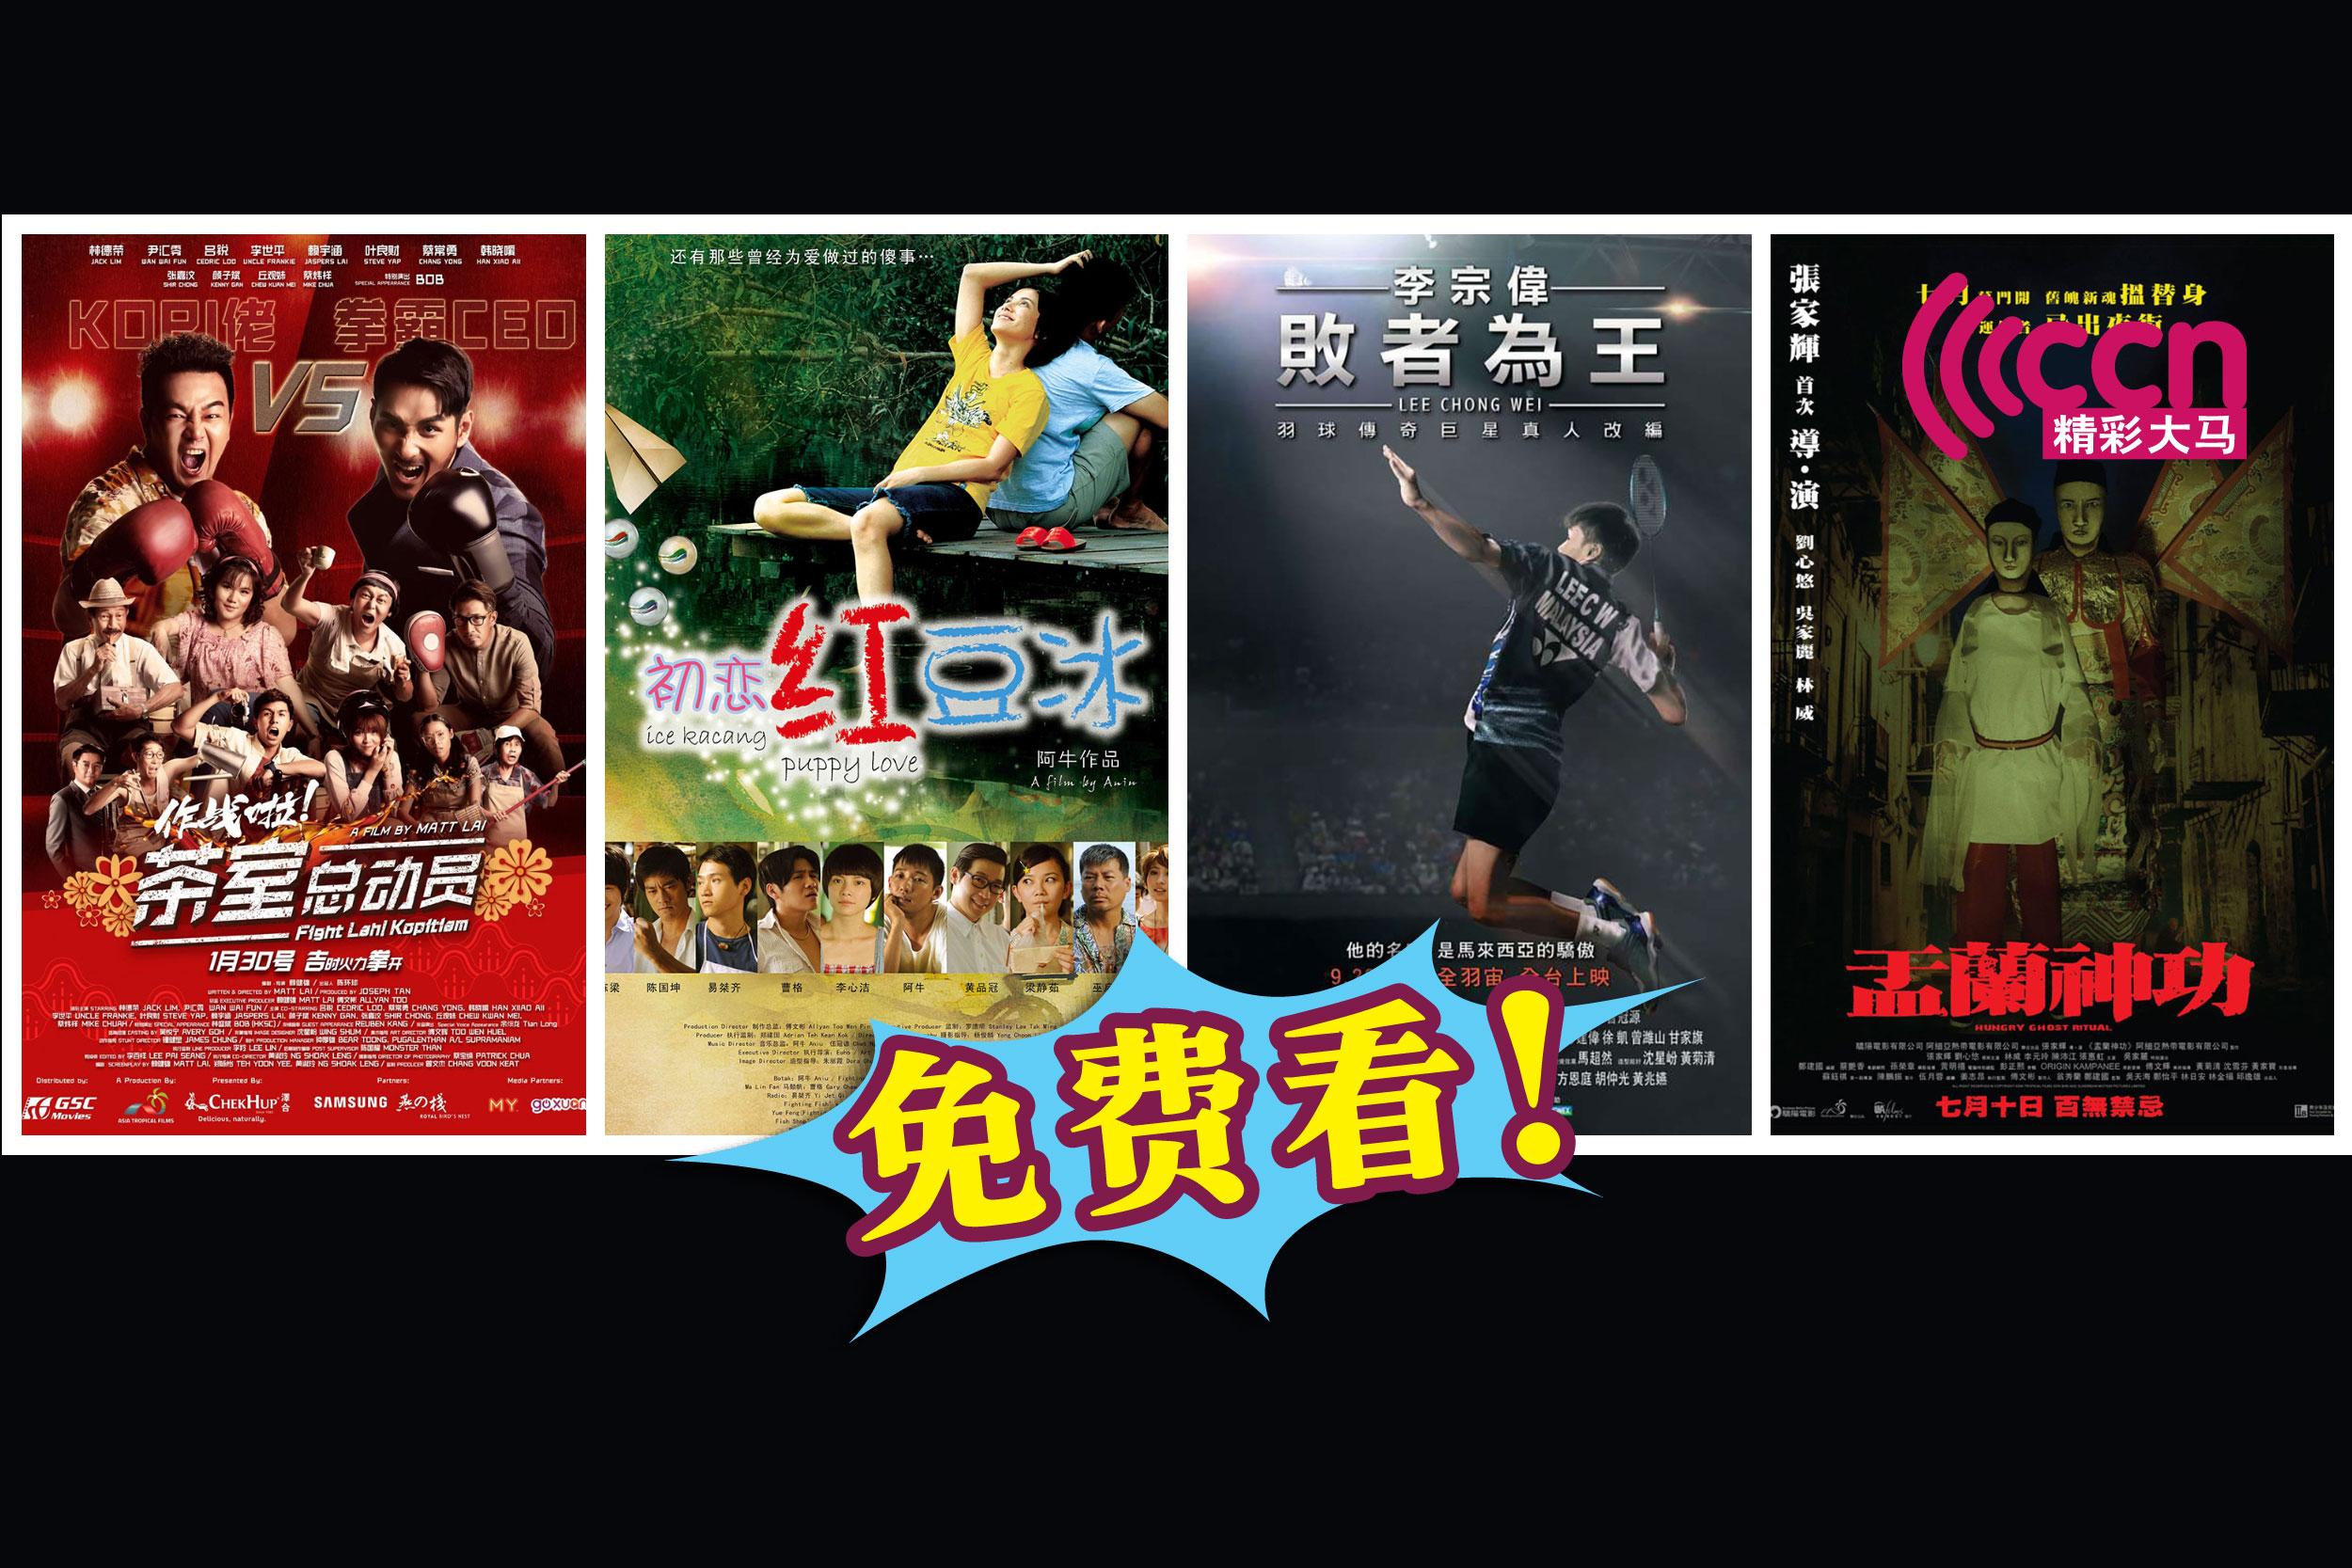 大马超级连串活动将从即日起至9月16日,让民众免费欣赏多部本土创造电影及其他动漫或喜剧等。-精彩大马制图-